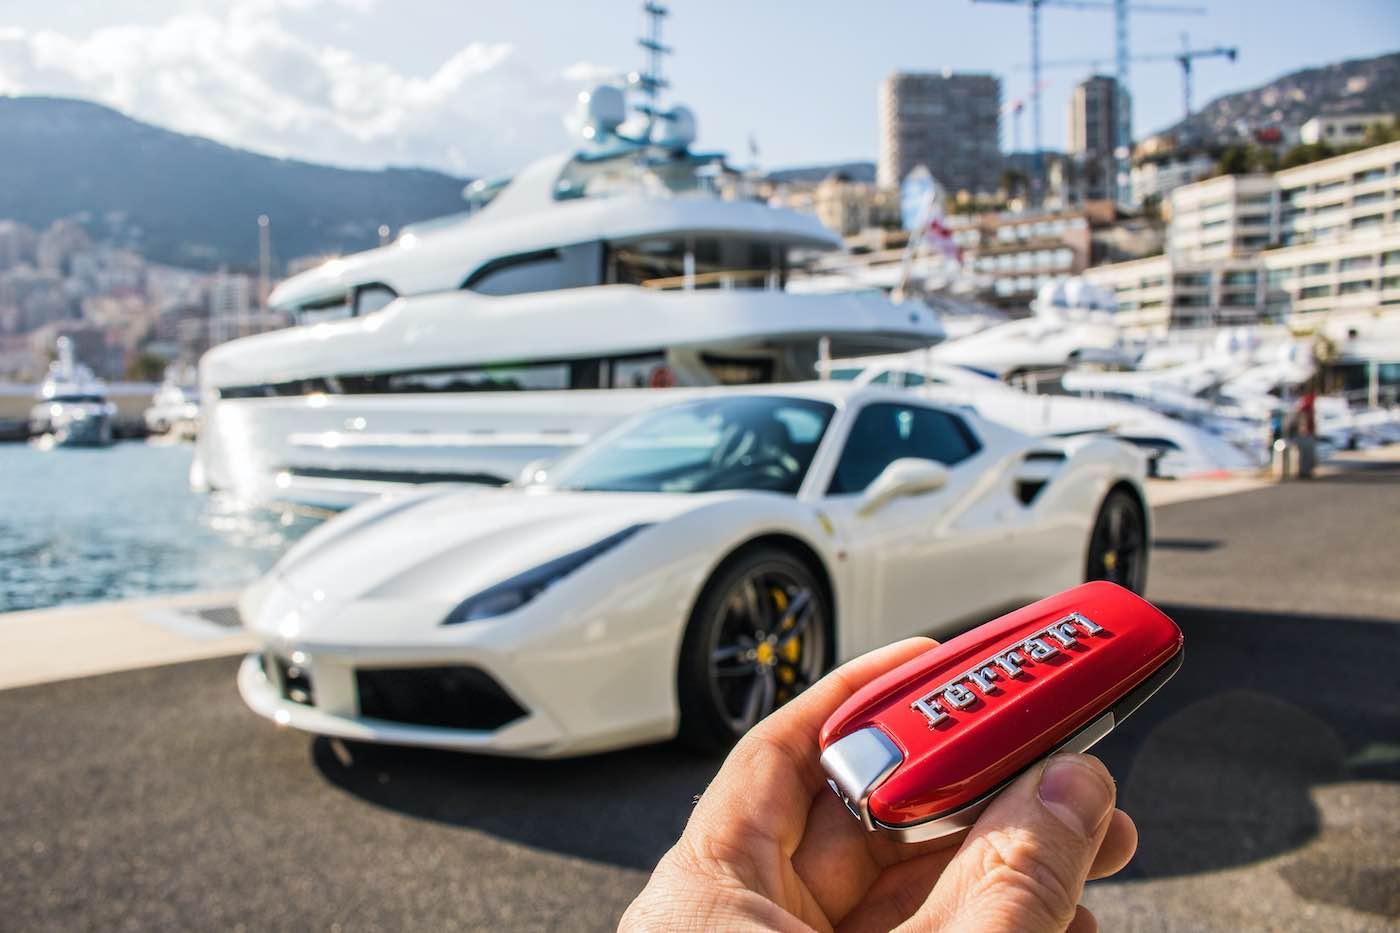 ¡Tu super coche puede ser robado en menos de 20 segundos!